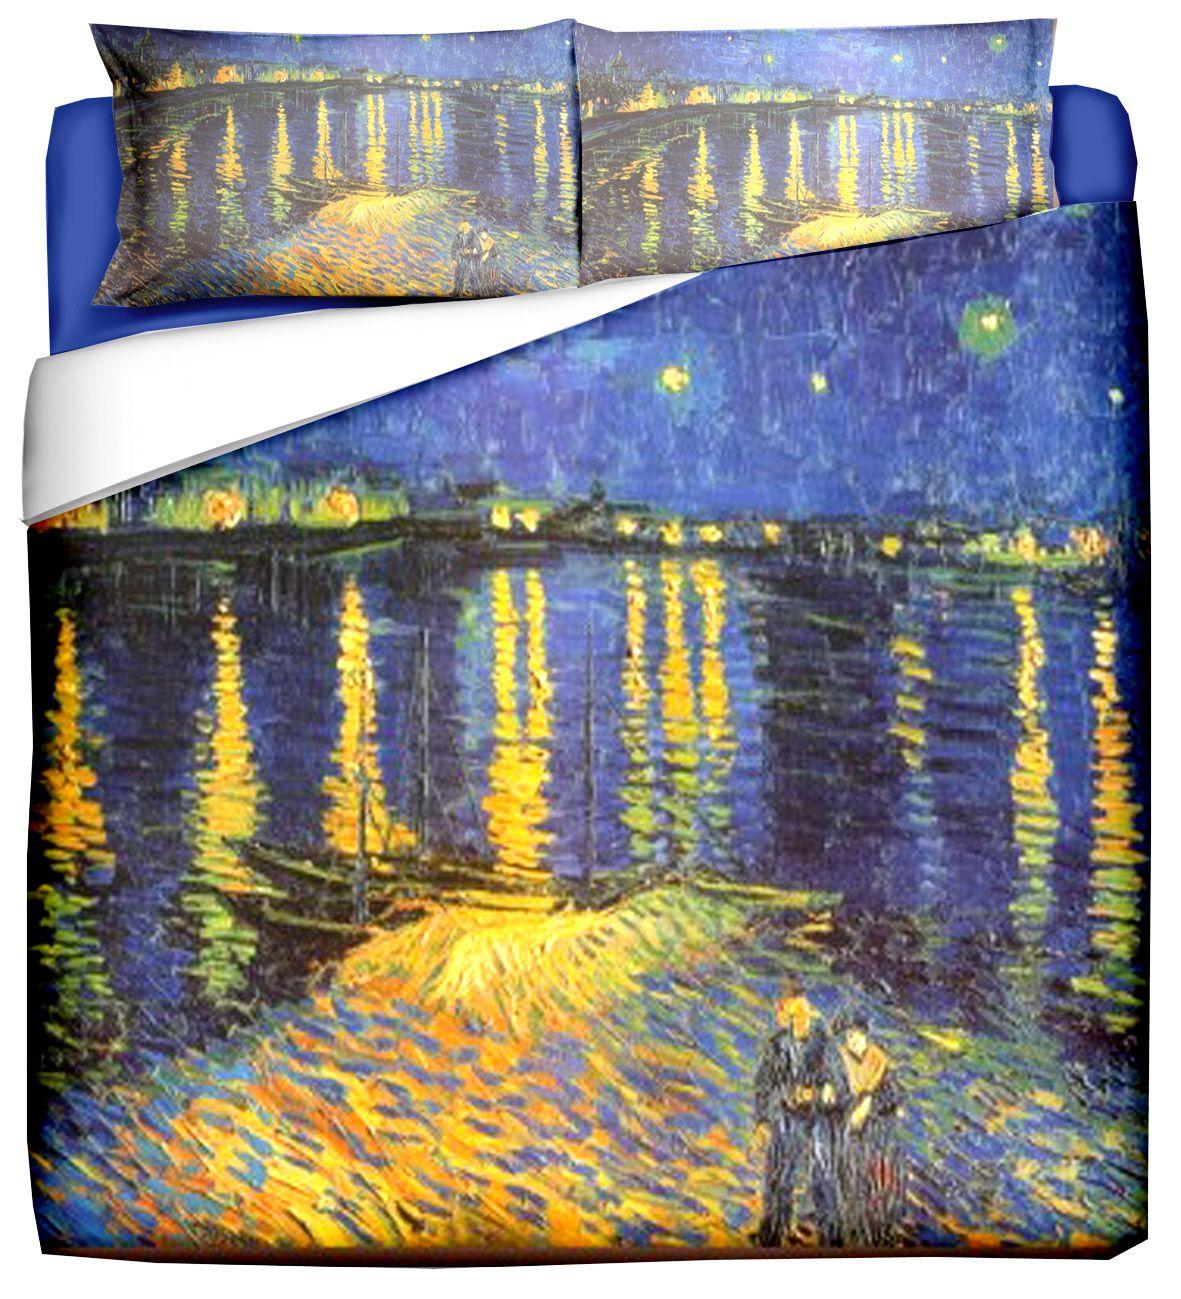 Copripiumino Van Gogh.Copripiumino Matrimoniale Ispirato Alle Opere Di Van Gogh Stampa